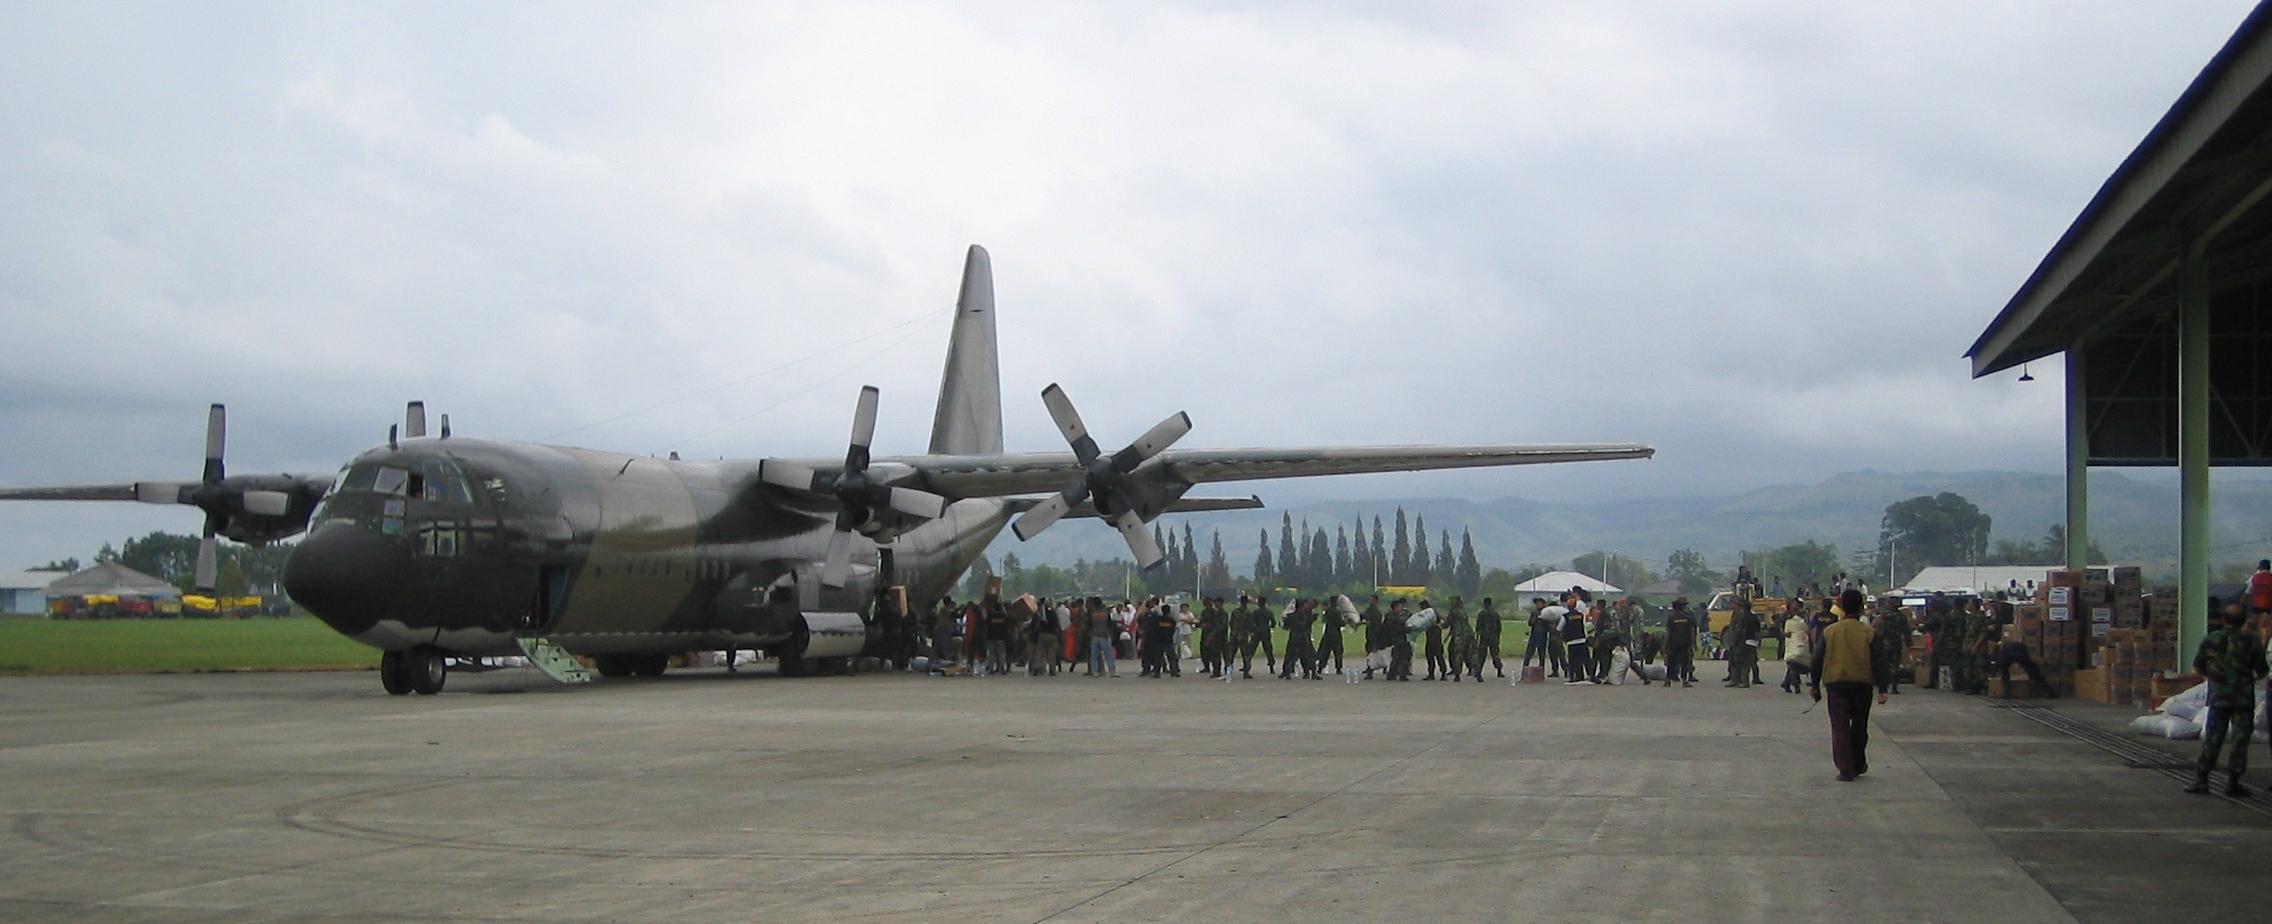 RAAF C-130 Hercules unloading, Banda Aceh